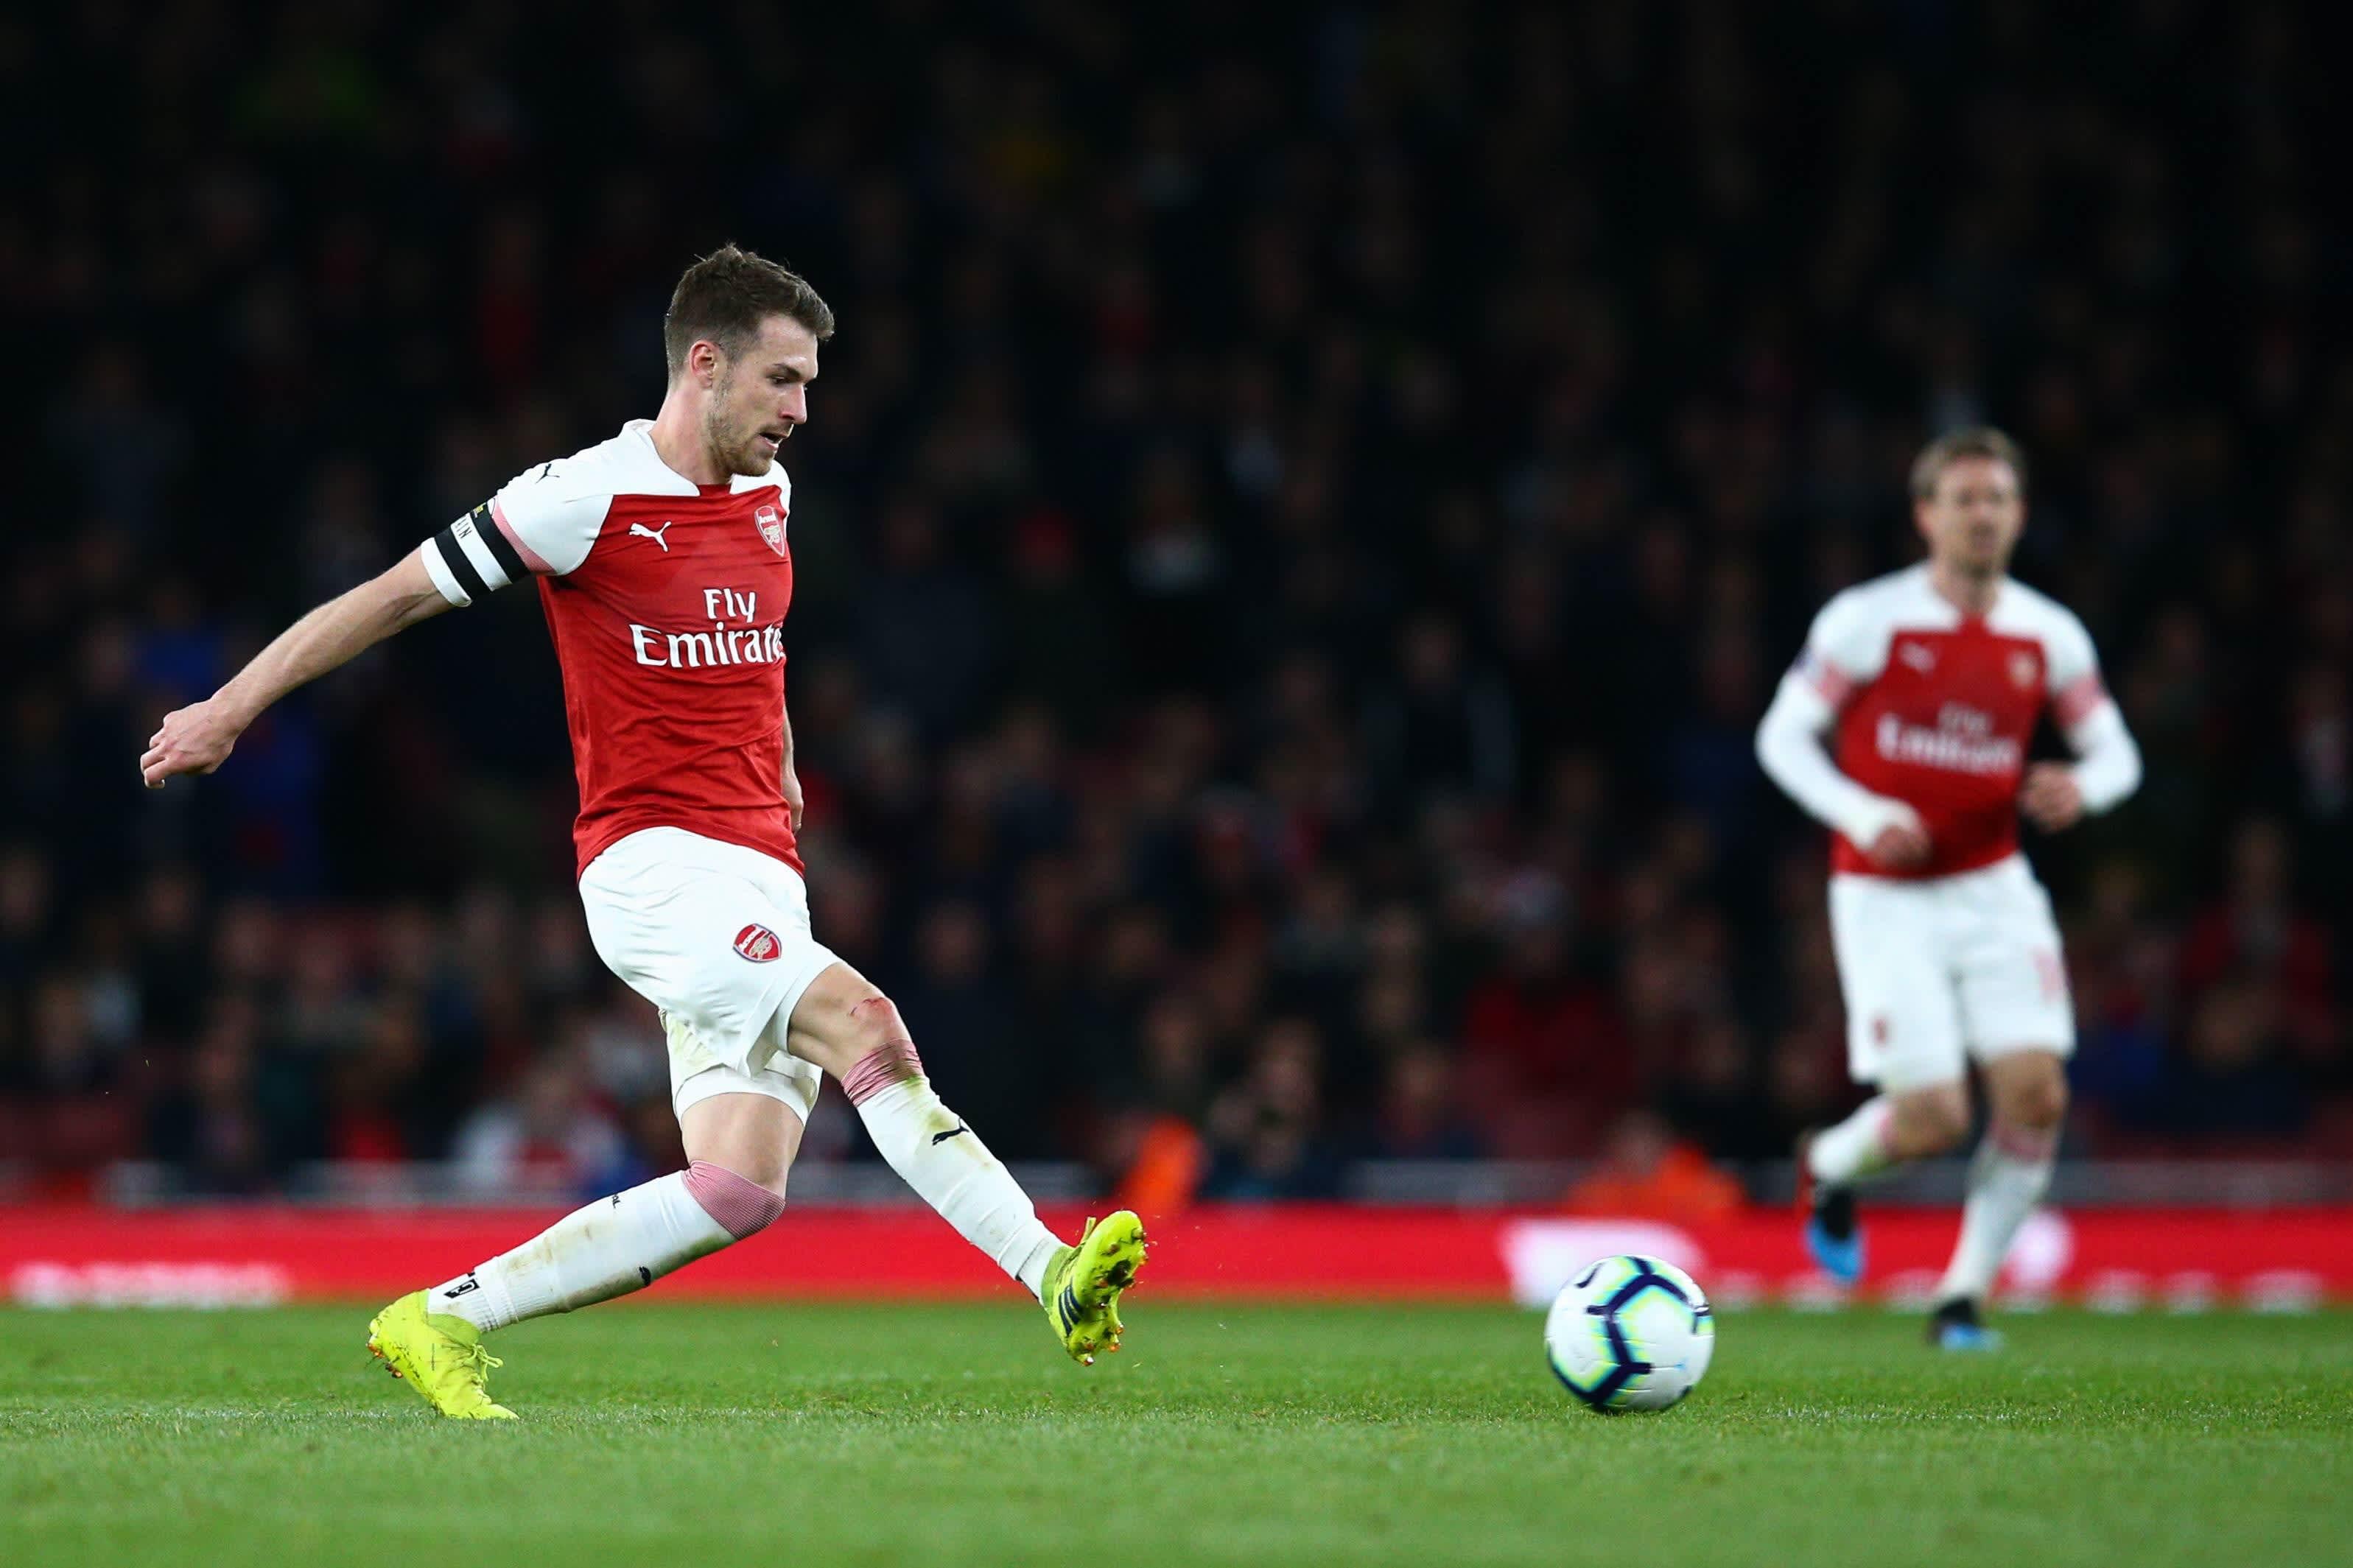 Arsenal nousi sarjakolmoseksi – näin Newcastle jäi jalkoihin